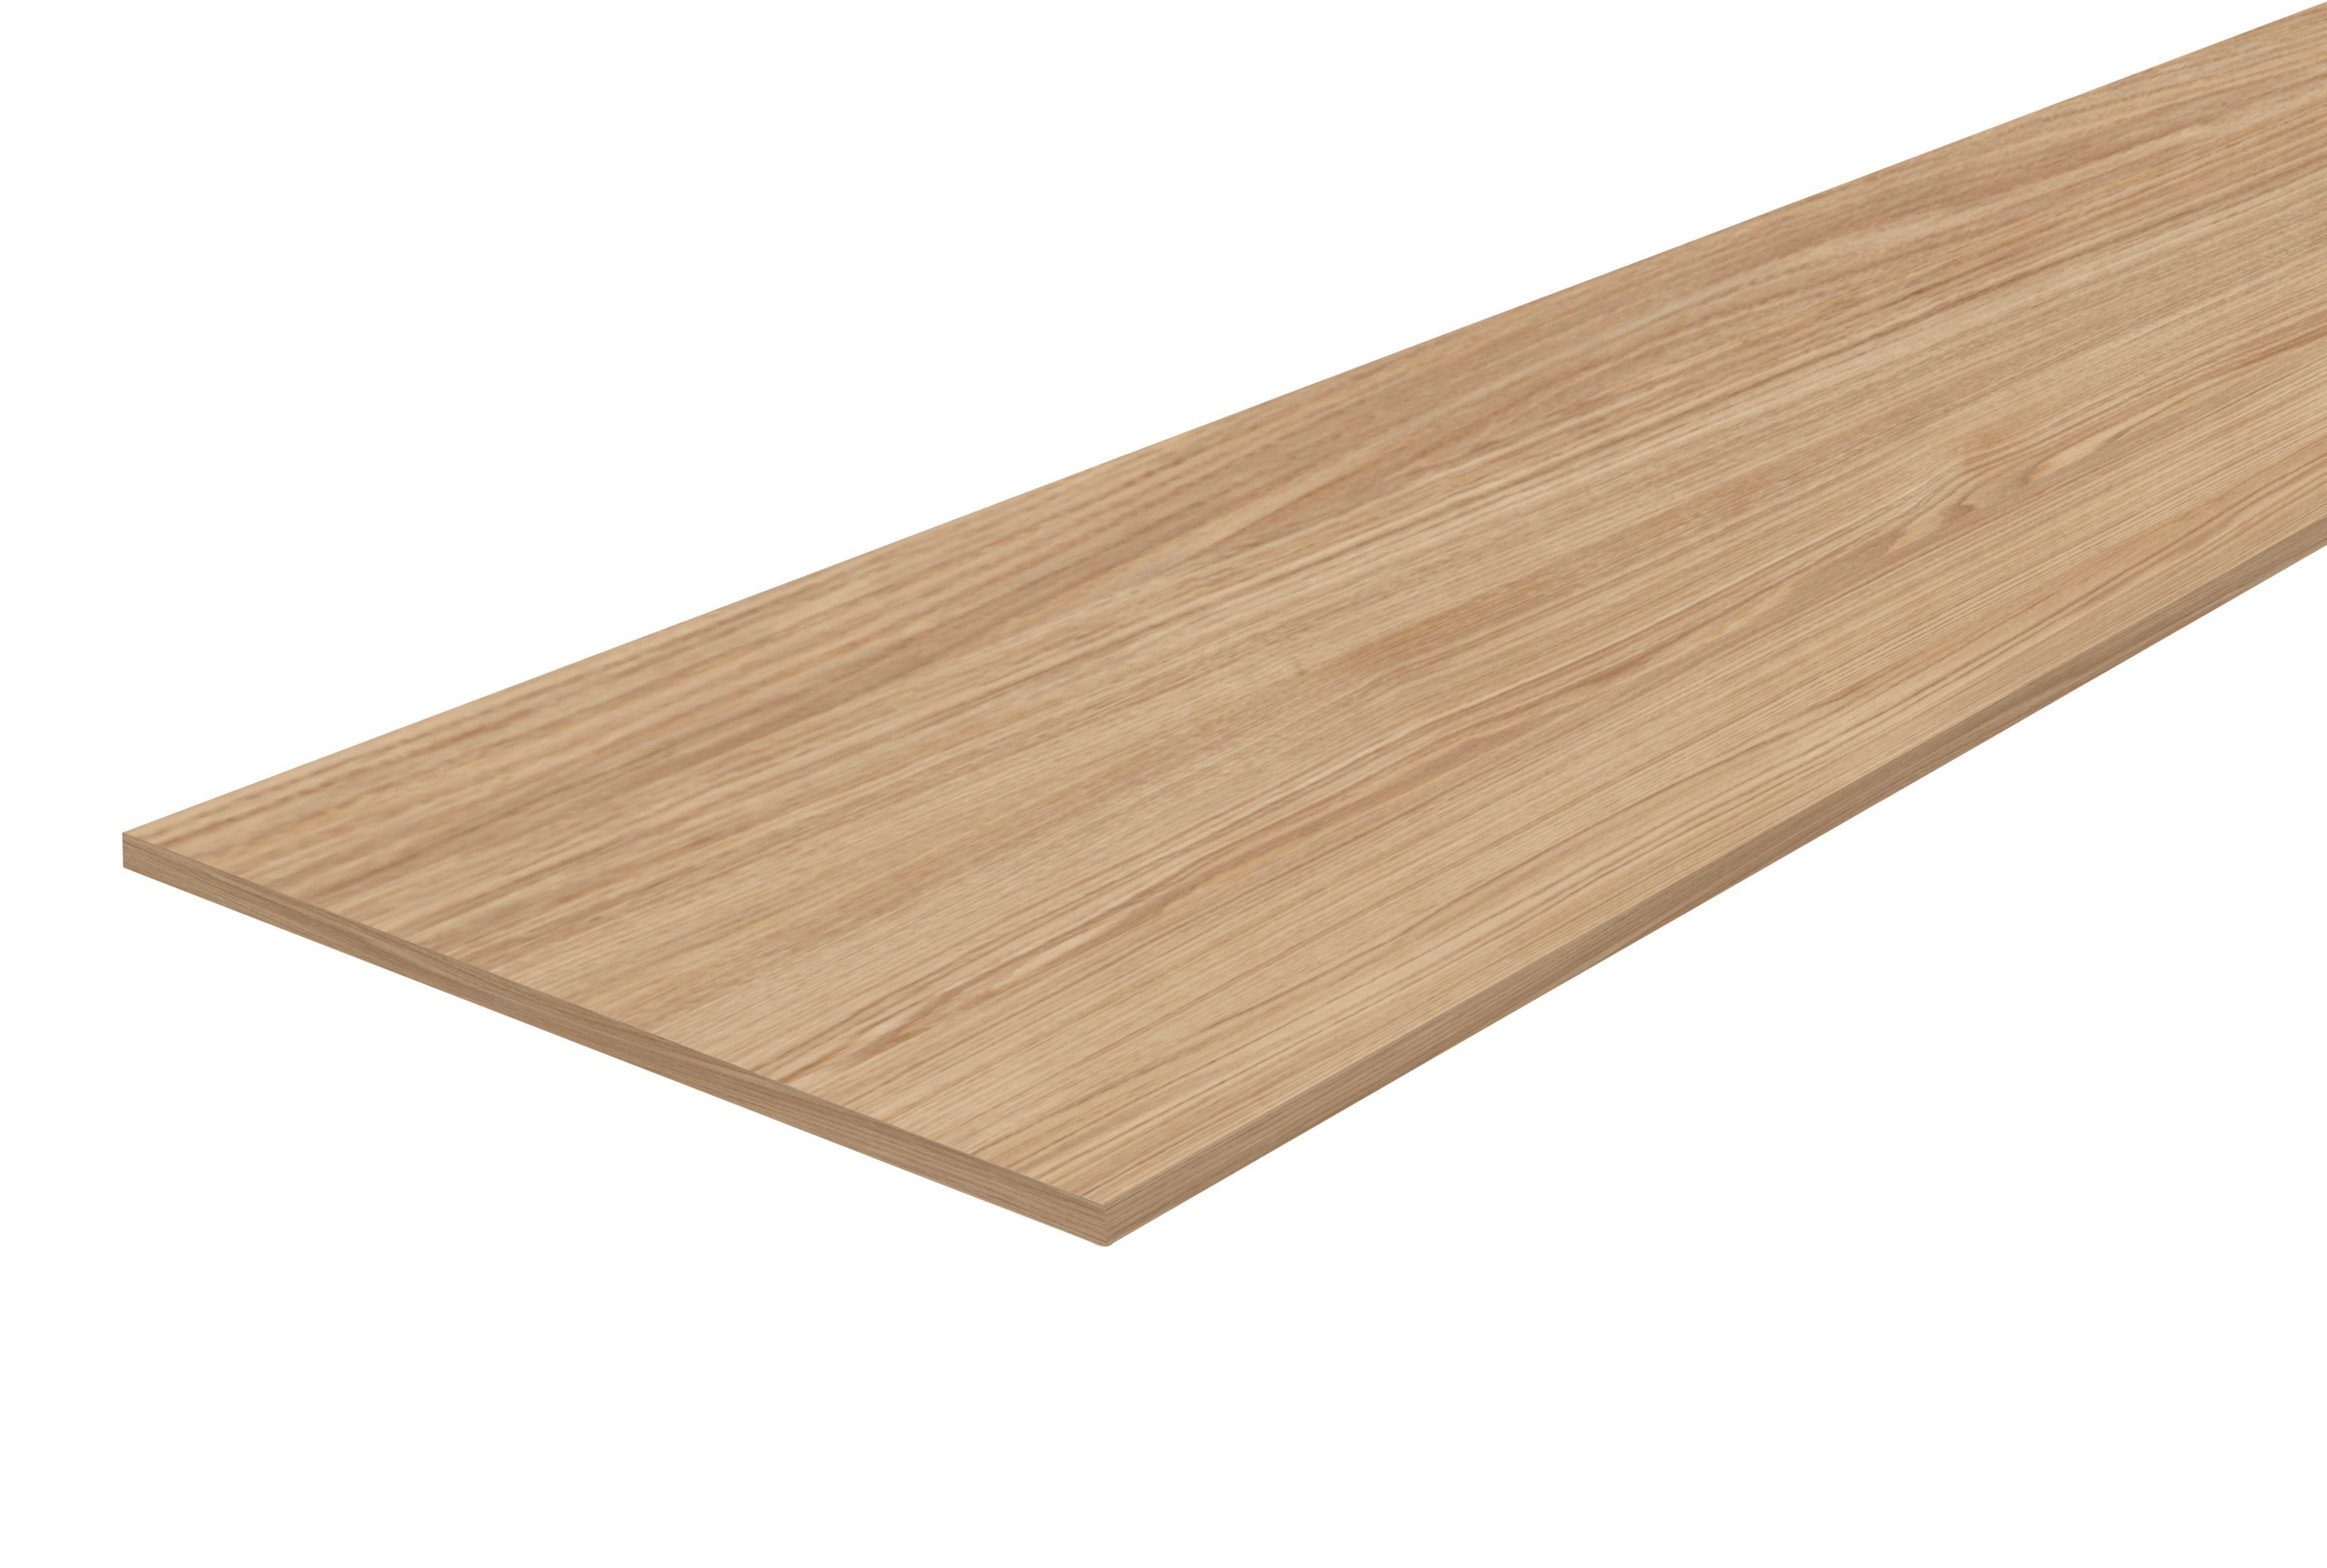 Furniture panel Pale (L)800mm (W)400mm (T)18mm